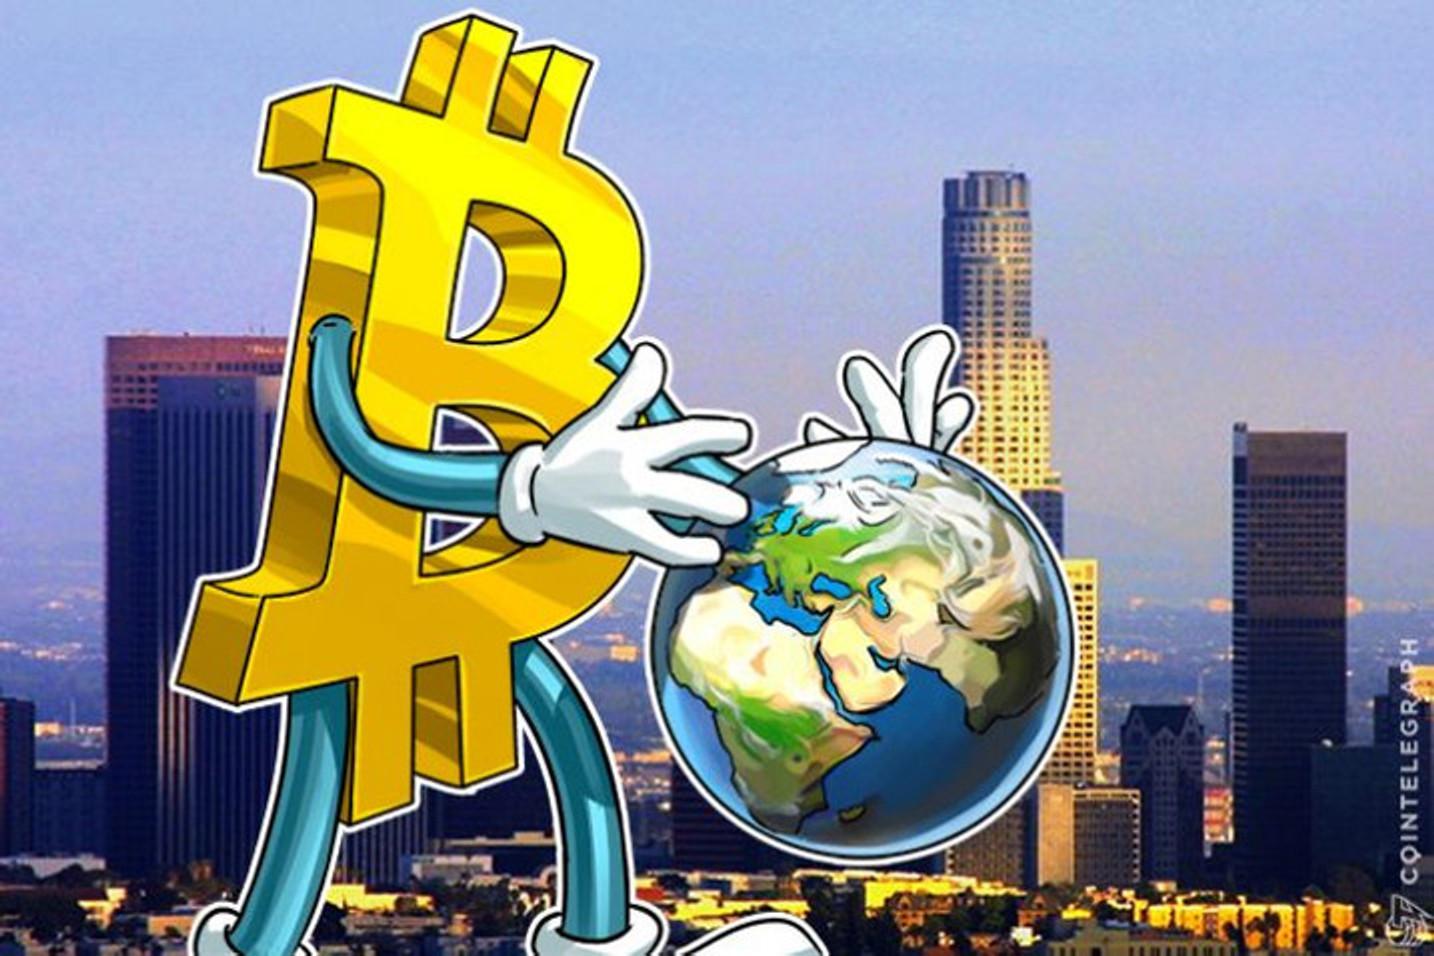 'Como a tecnologia por trás do Bitcoin está mudando o dinheiro', debate o SENAI-SP na 1ª Bienal Virtual do Livro de São Paulo